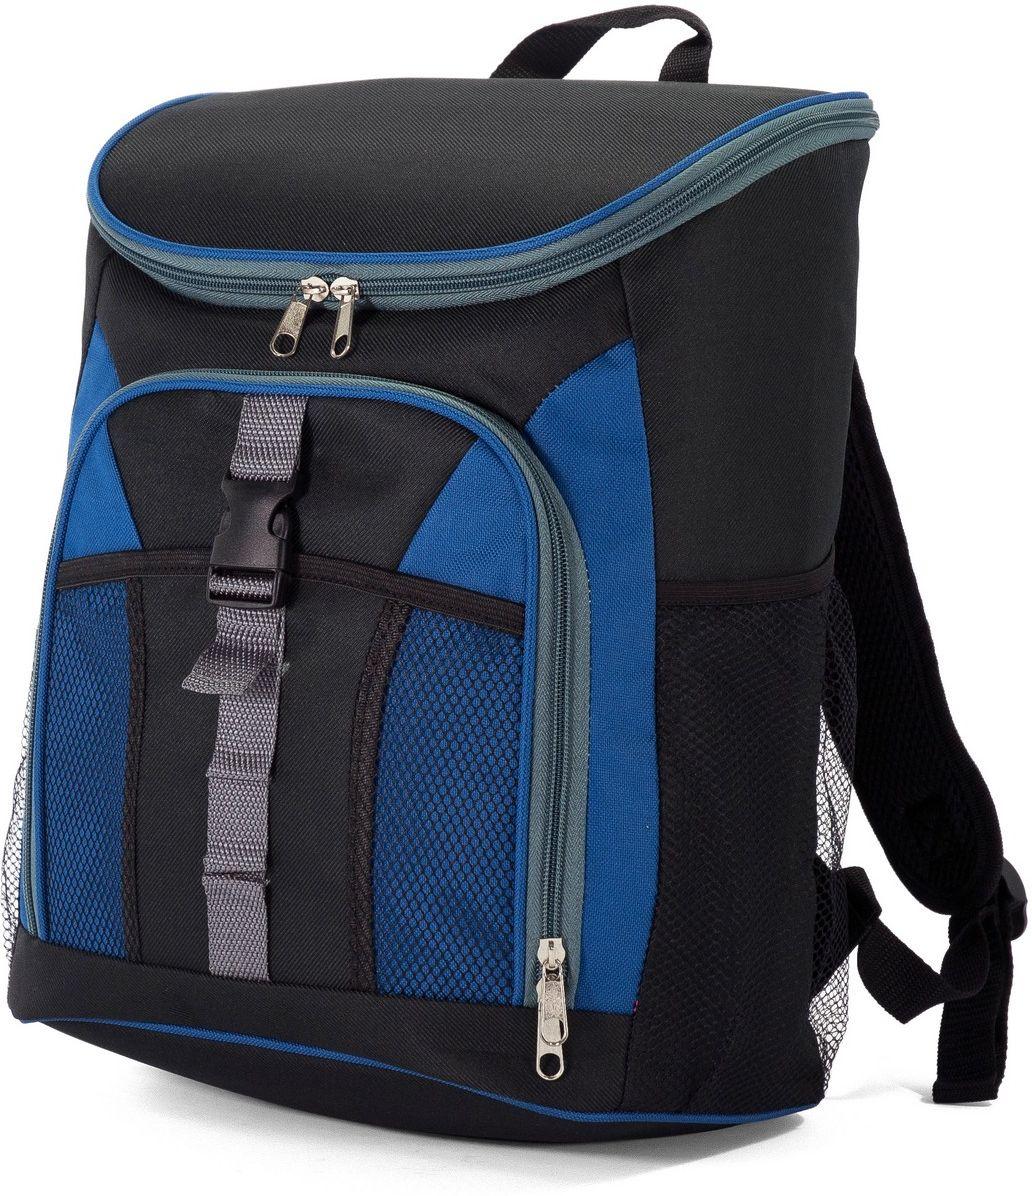 Ισοθερμικη Τσαντα Benzi BZ5138 Μαυρο/Μπλε σακίδια   τσάντες   τσάντες πλάτης